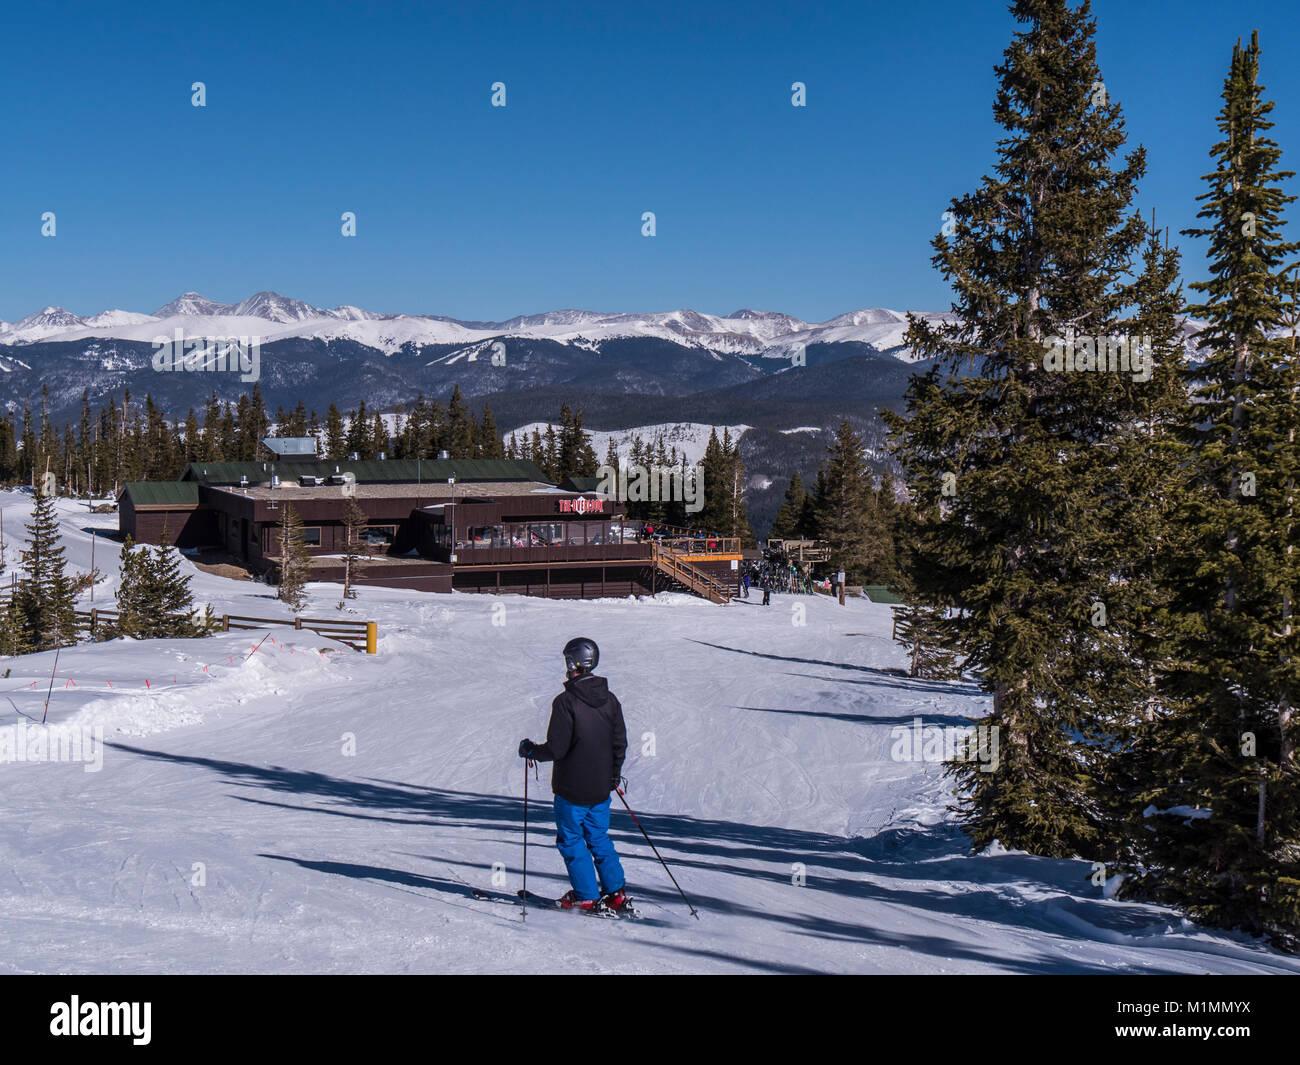 Las vistas día lodge y restaurante en la cima de pico 9, Breckenridge Ski Resort, Breckenridge, Colorado. Imagen De Stock